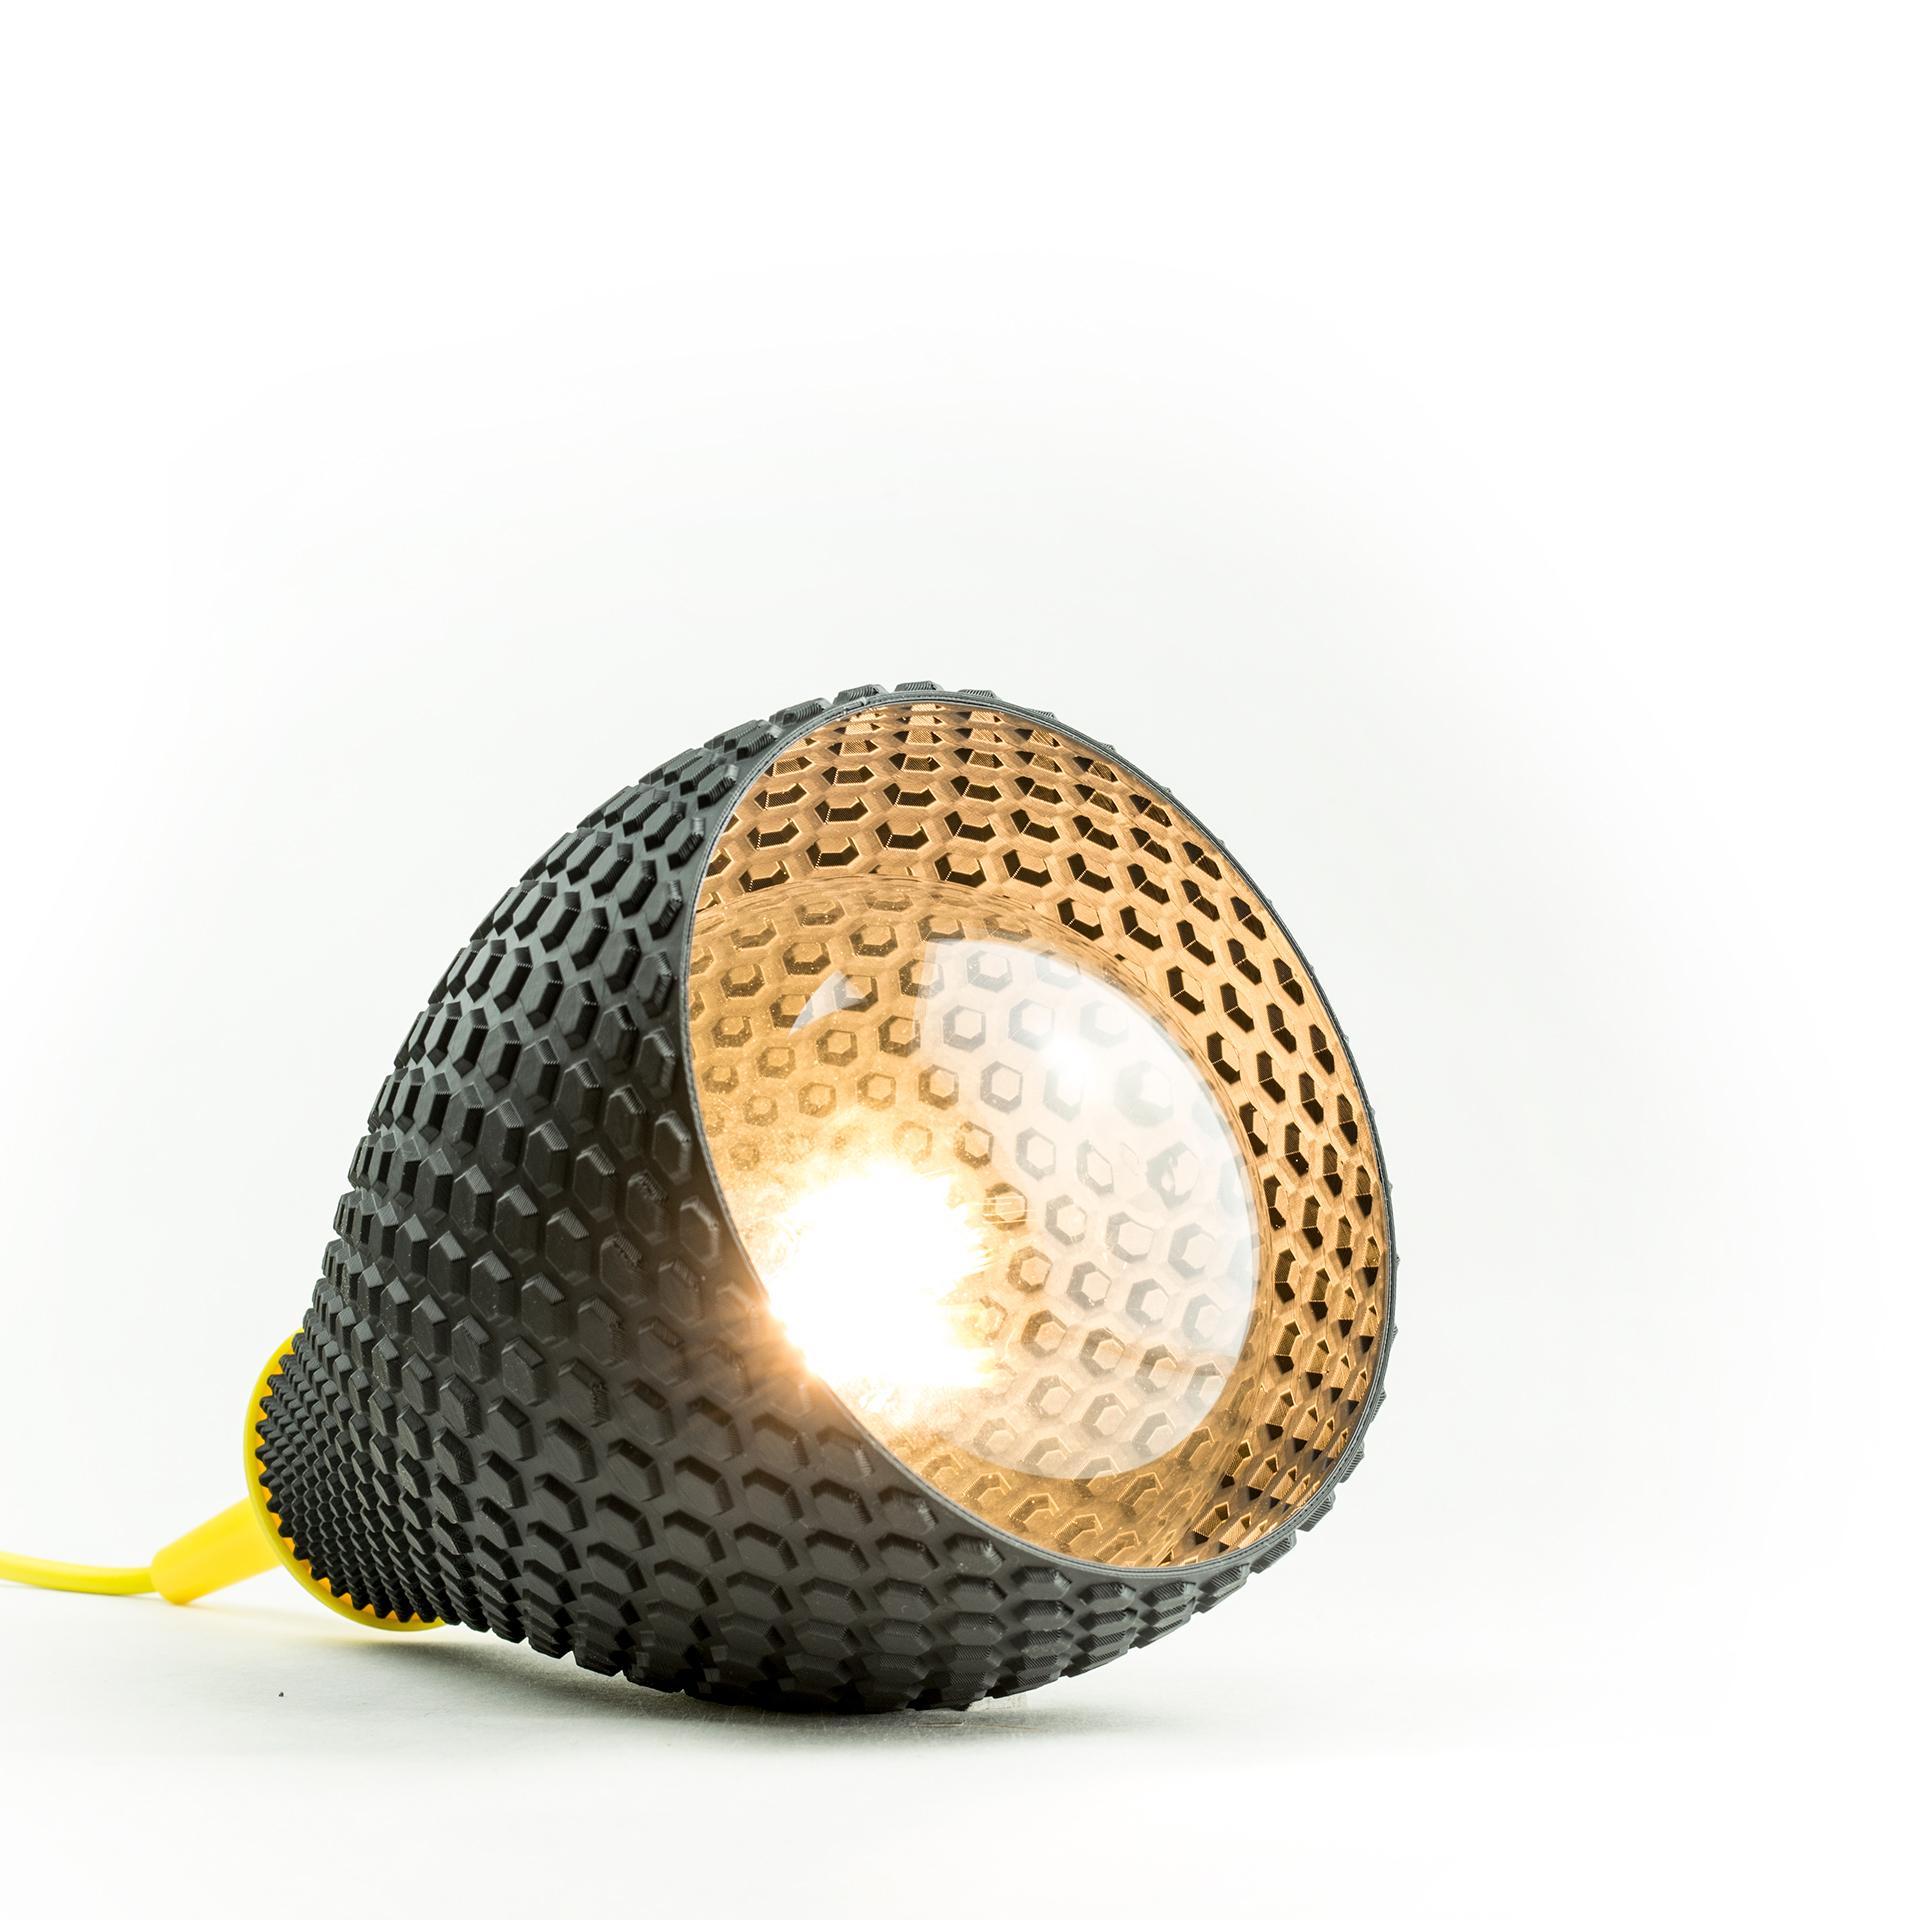 LAMPION LAMP SHADE @ Pinshape